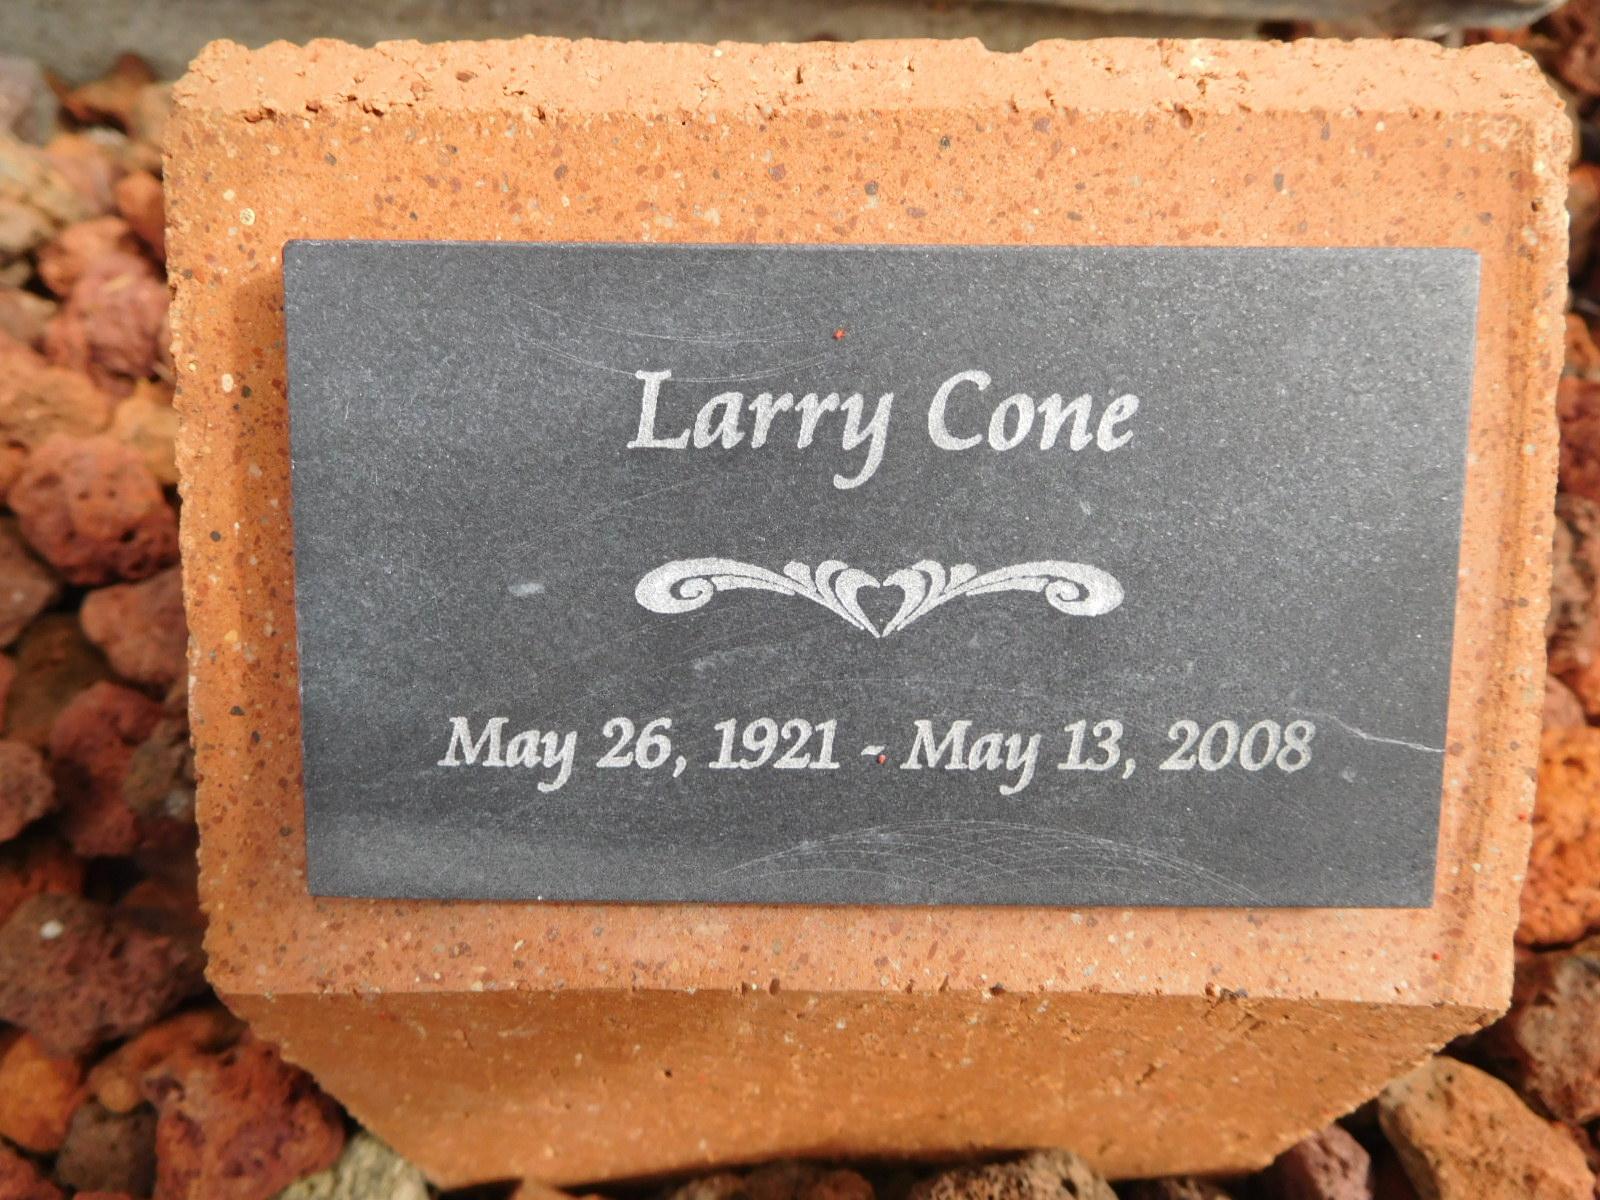 Larry Cone